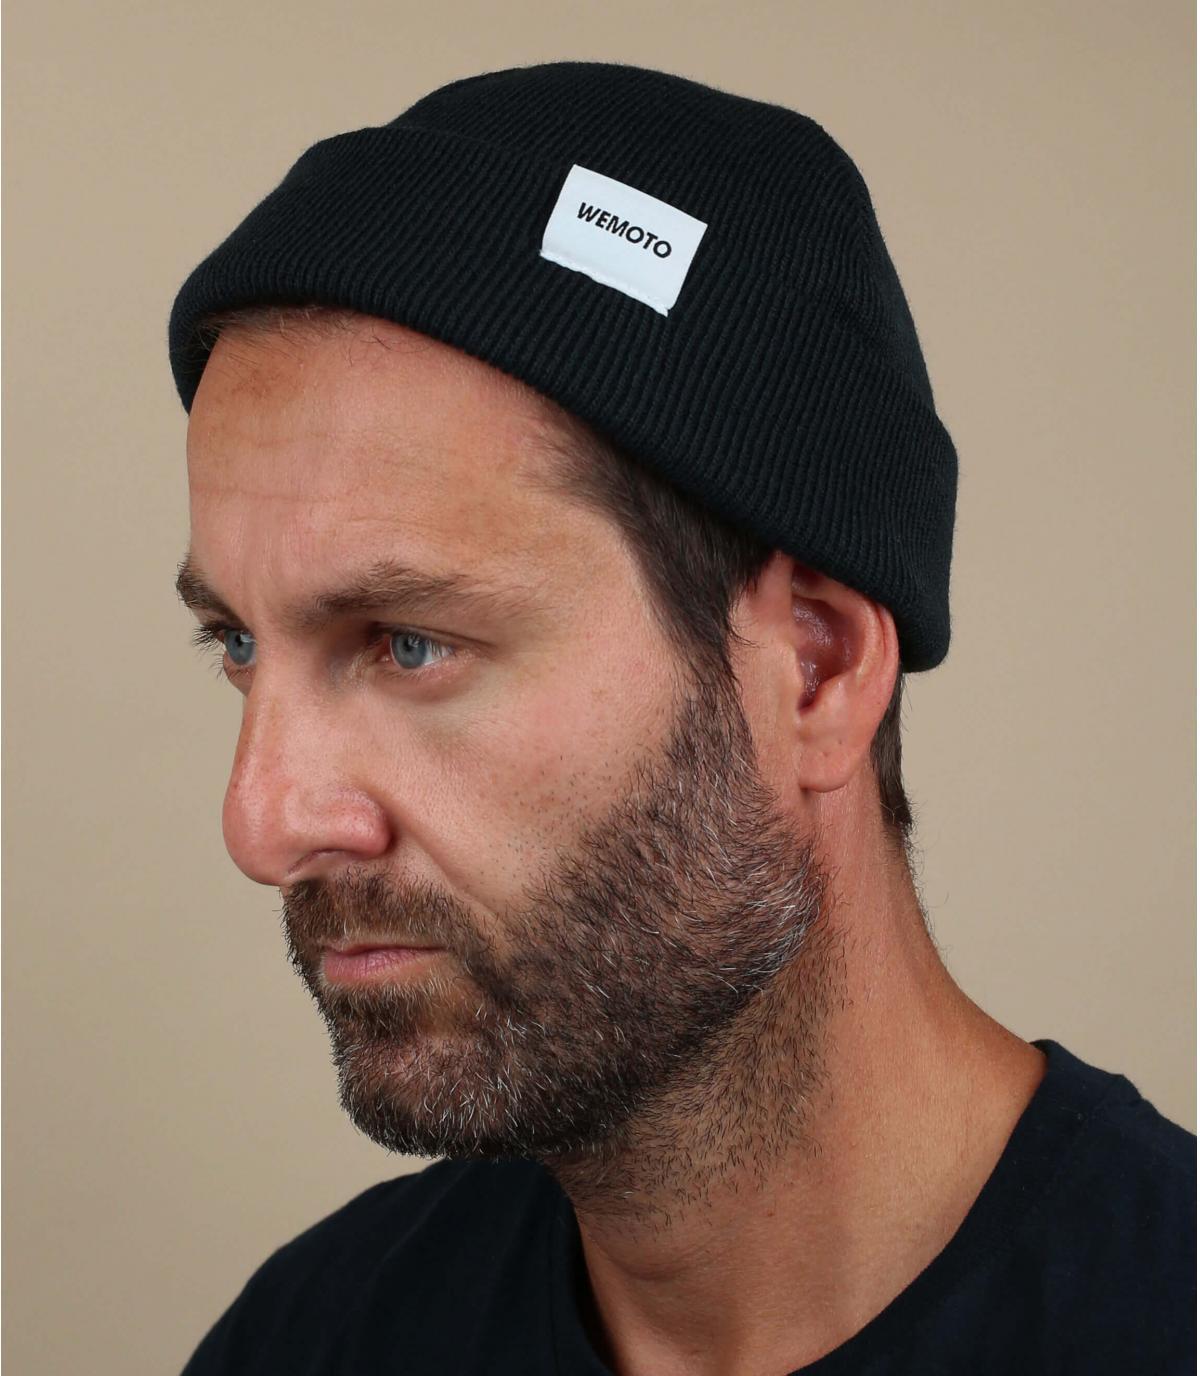 cappello nero docker Wemoto